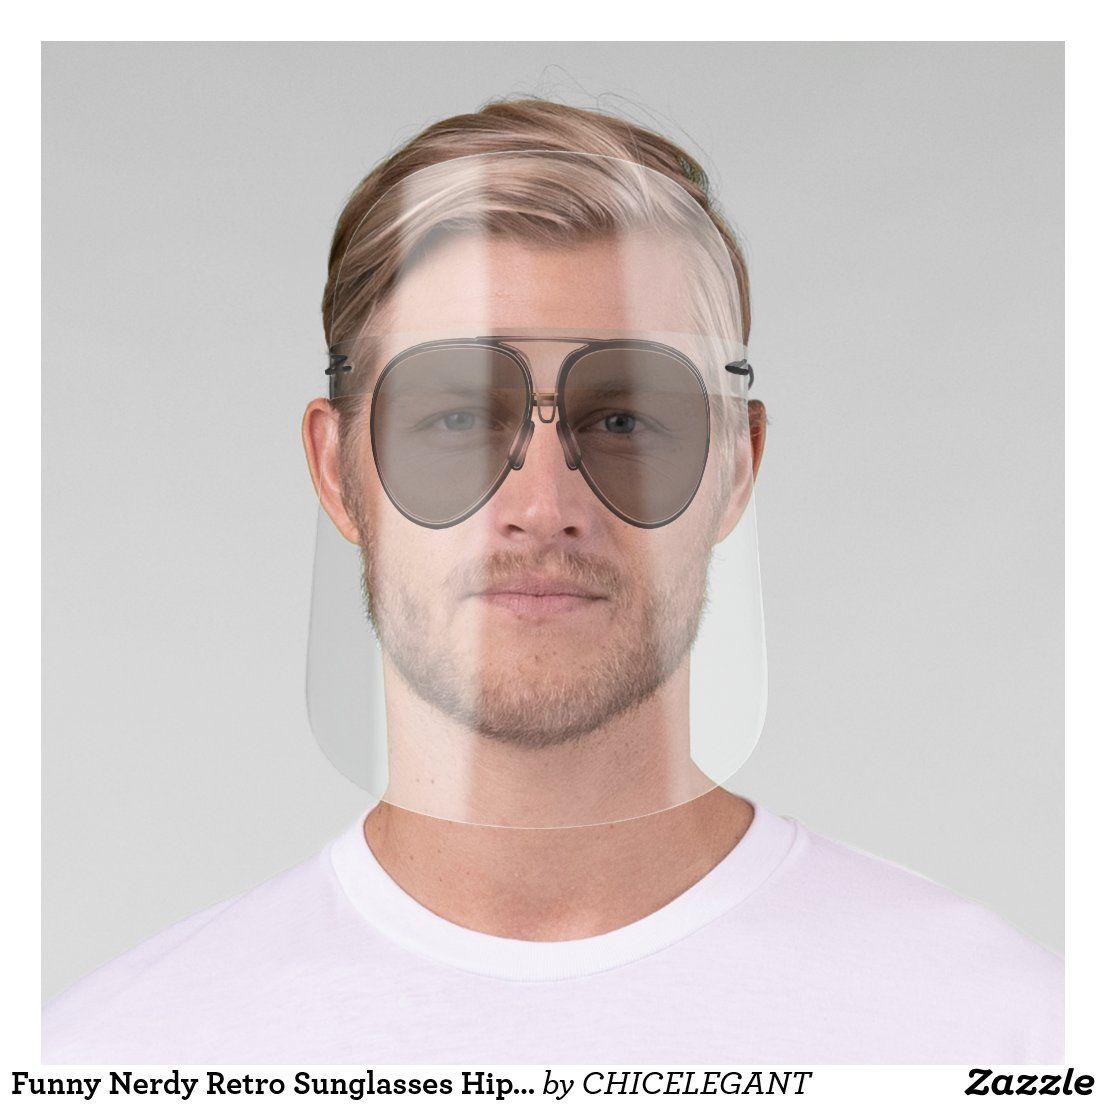 Funny Nerdy Retro Sunglasses Hipster Face Shield Zazzle